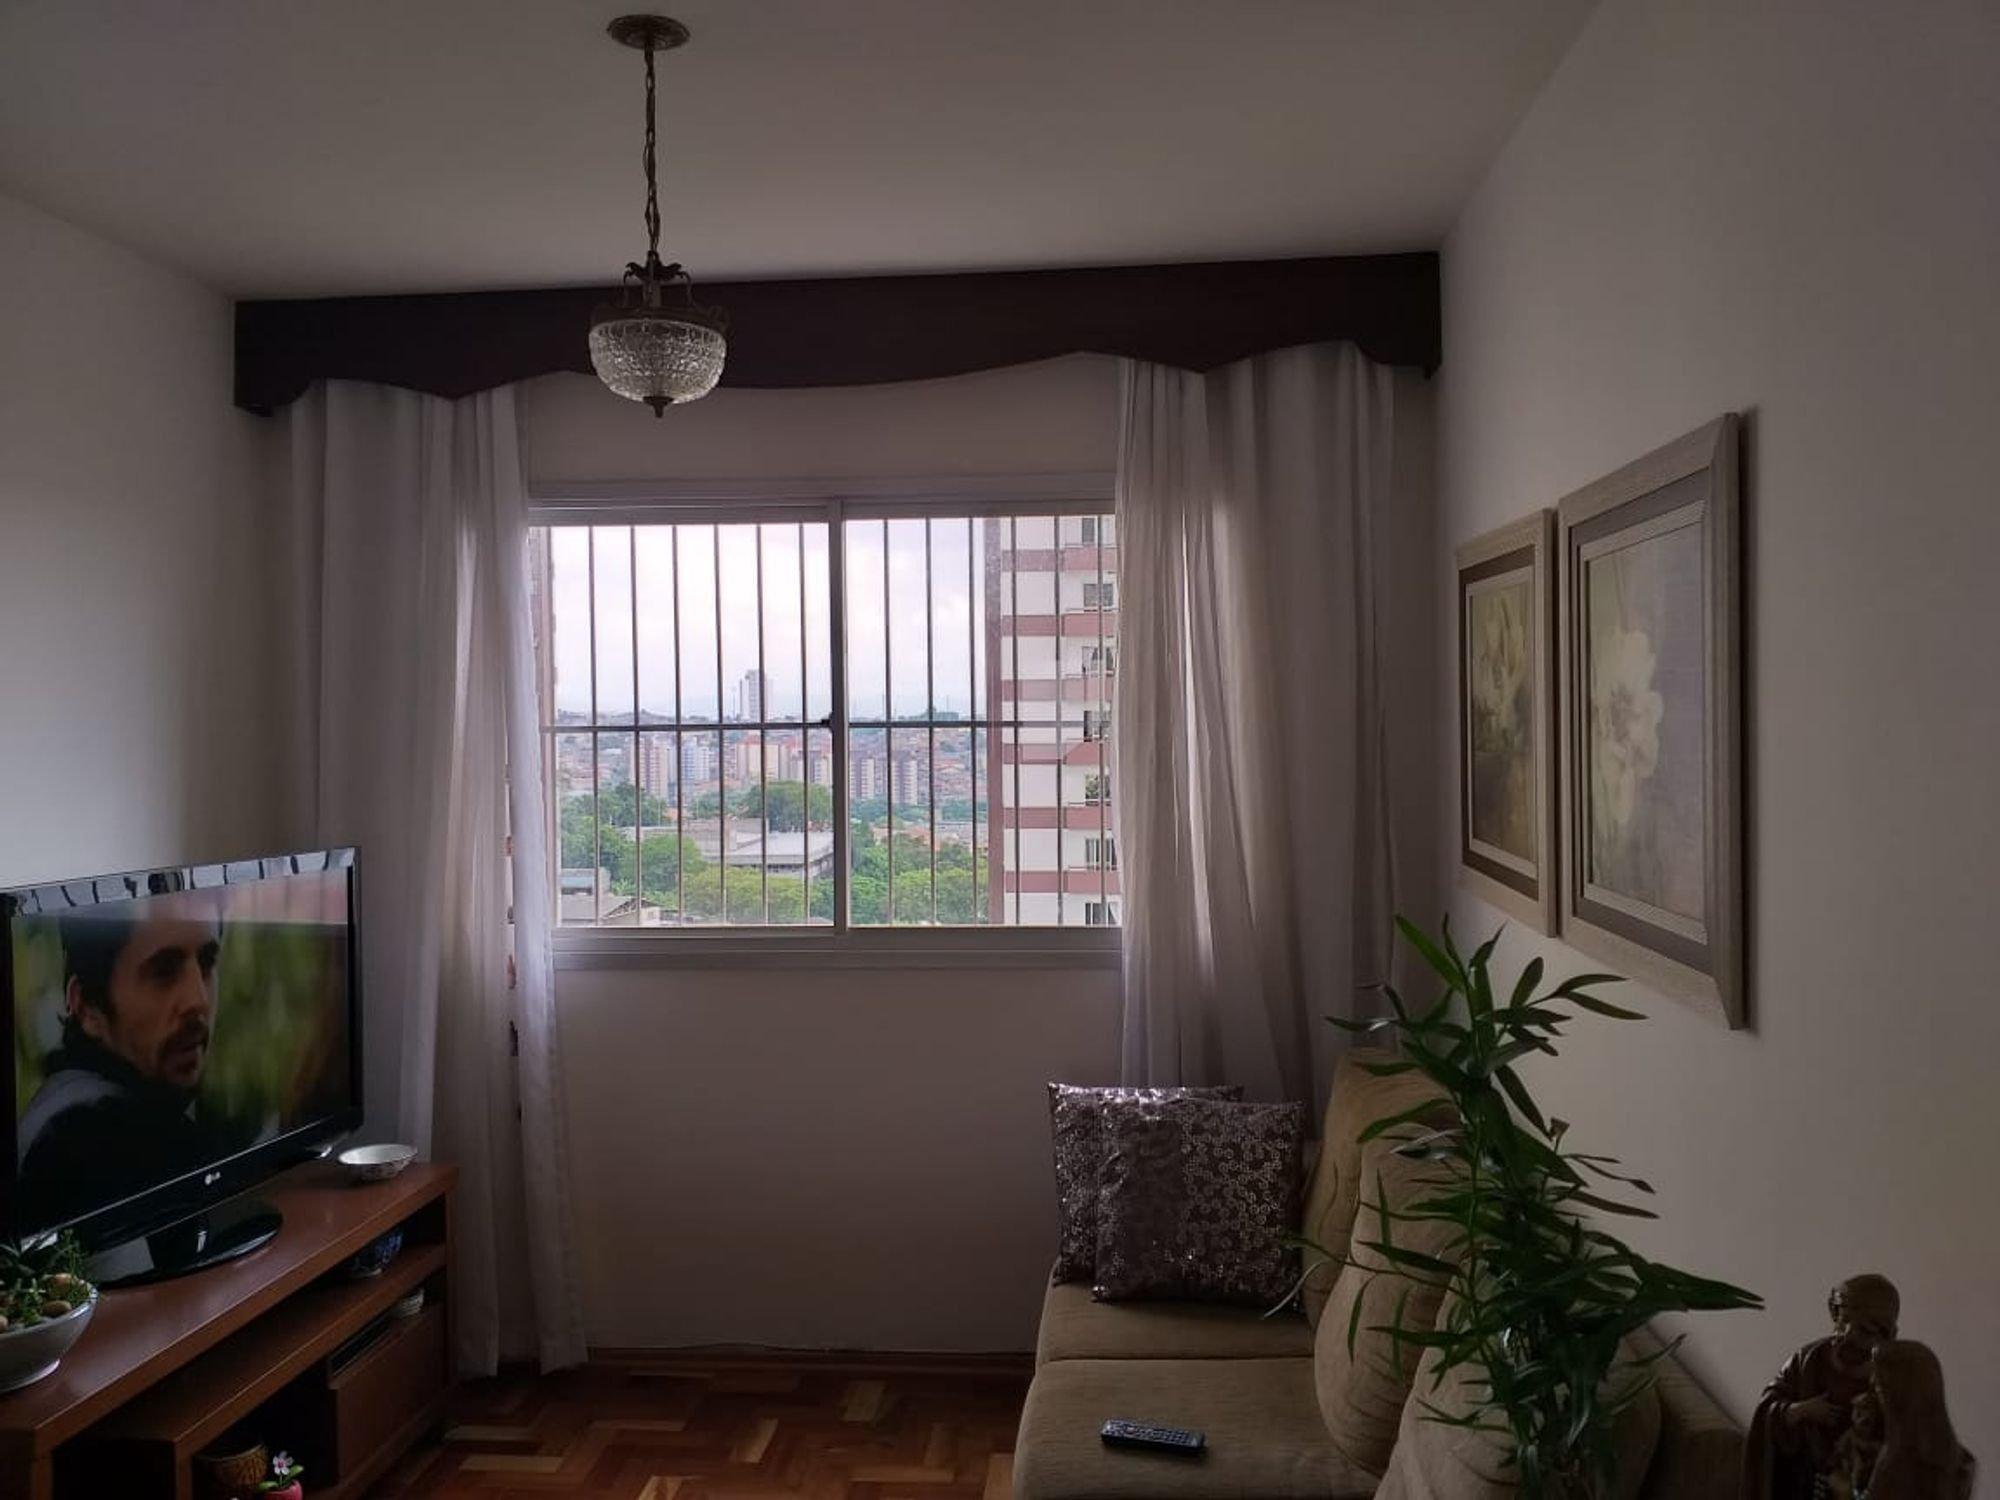 Foto de Sala com vaso de planta, sofá, televisão, controle remoto